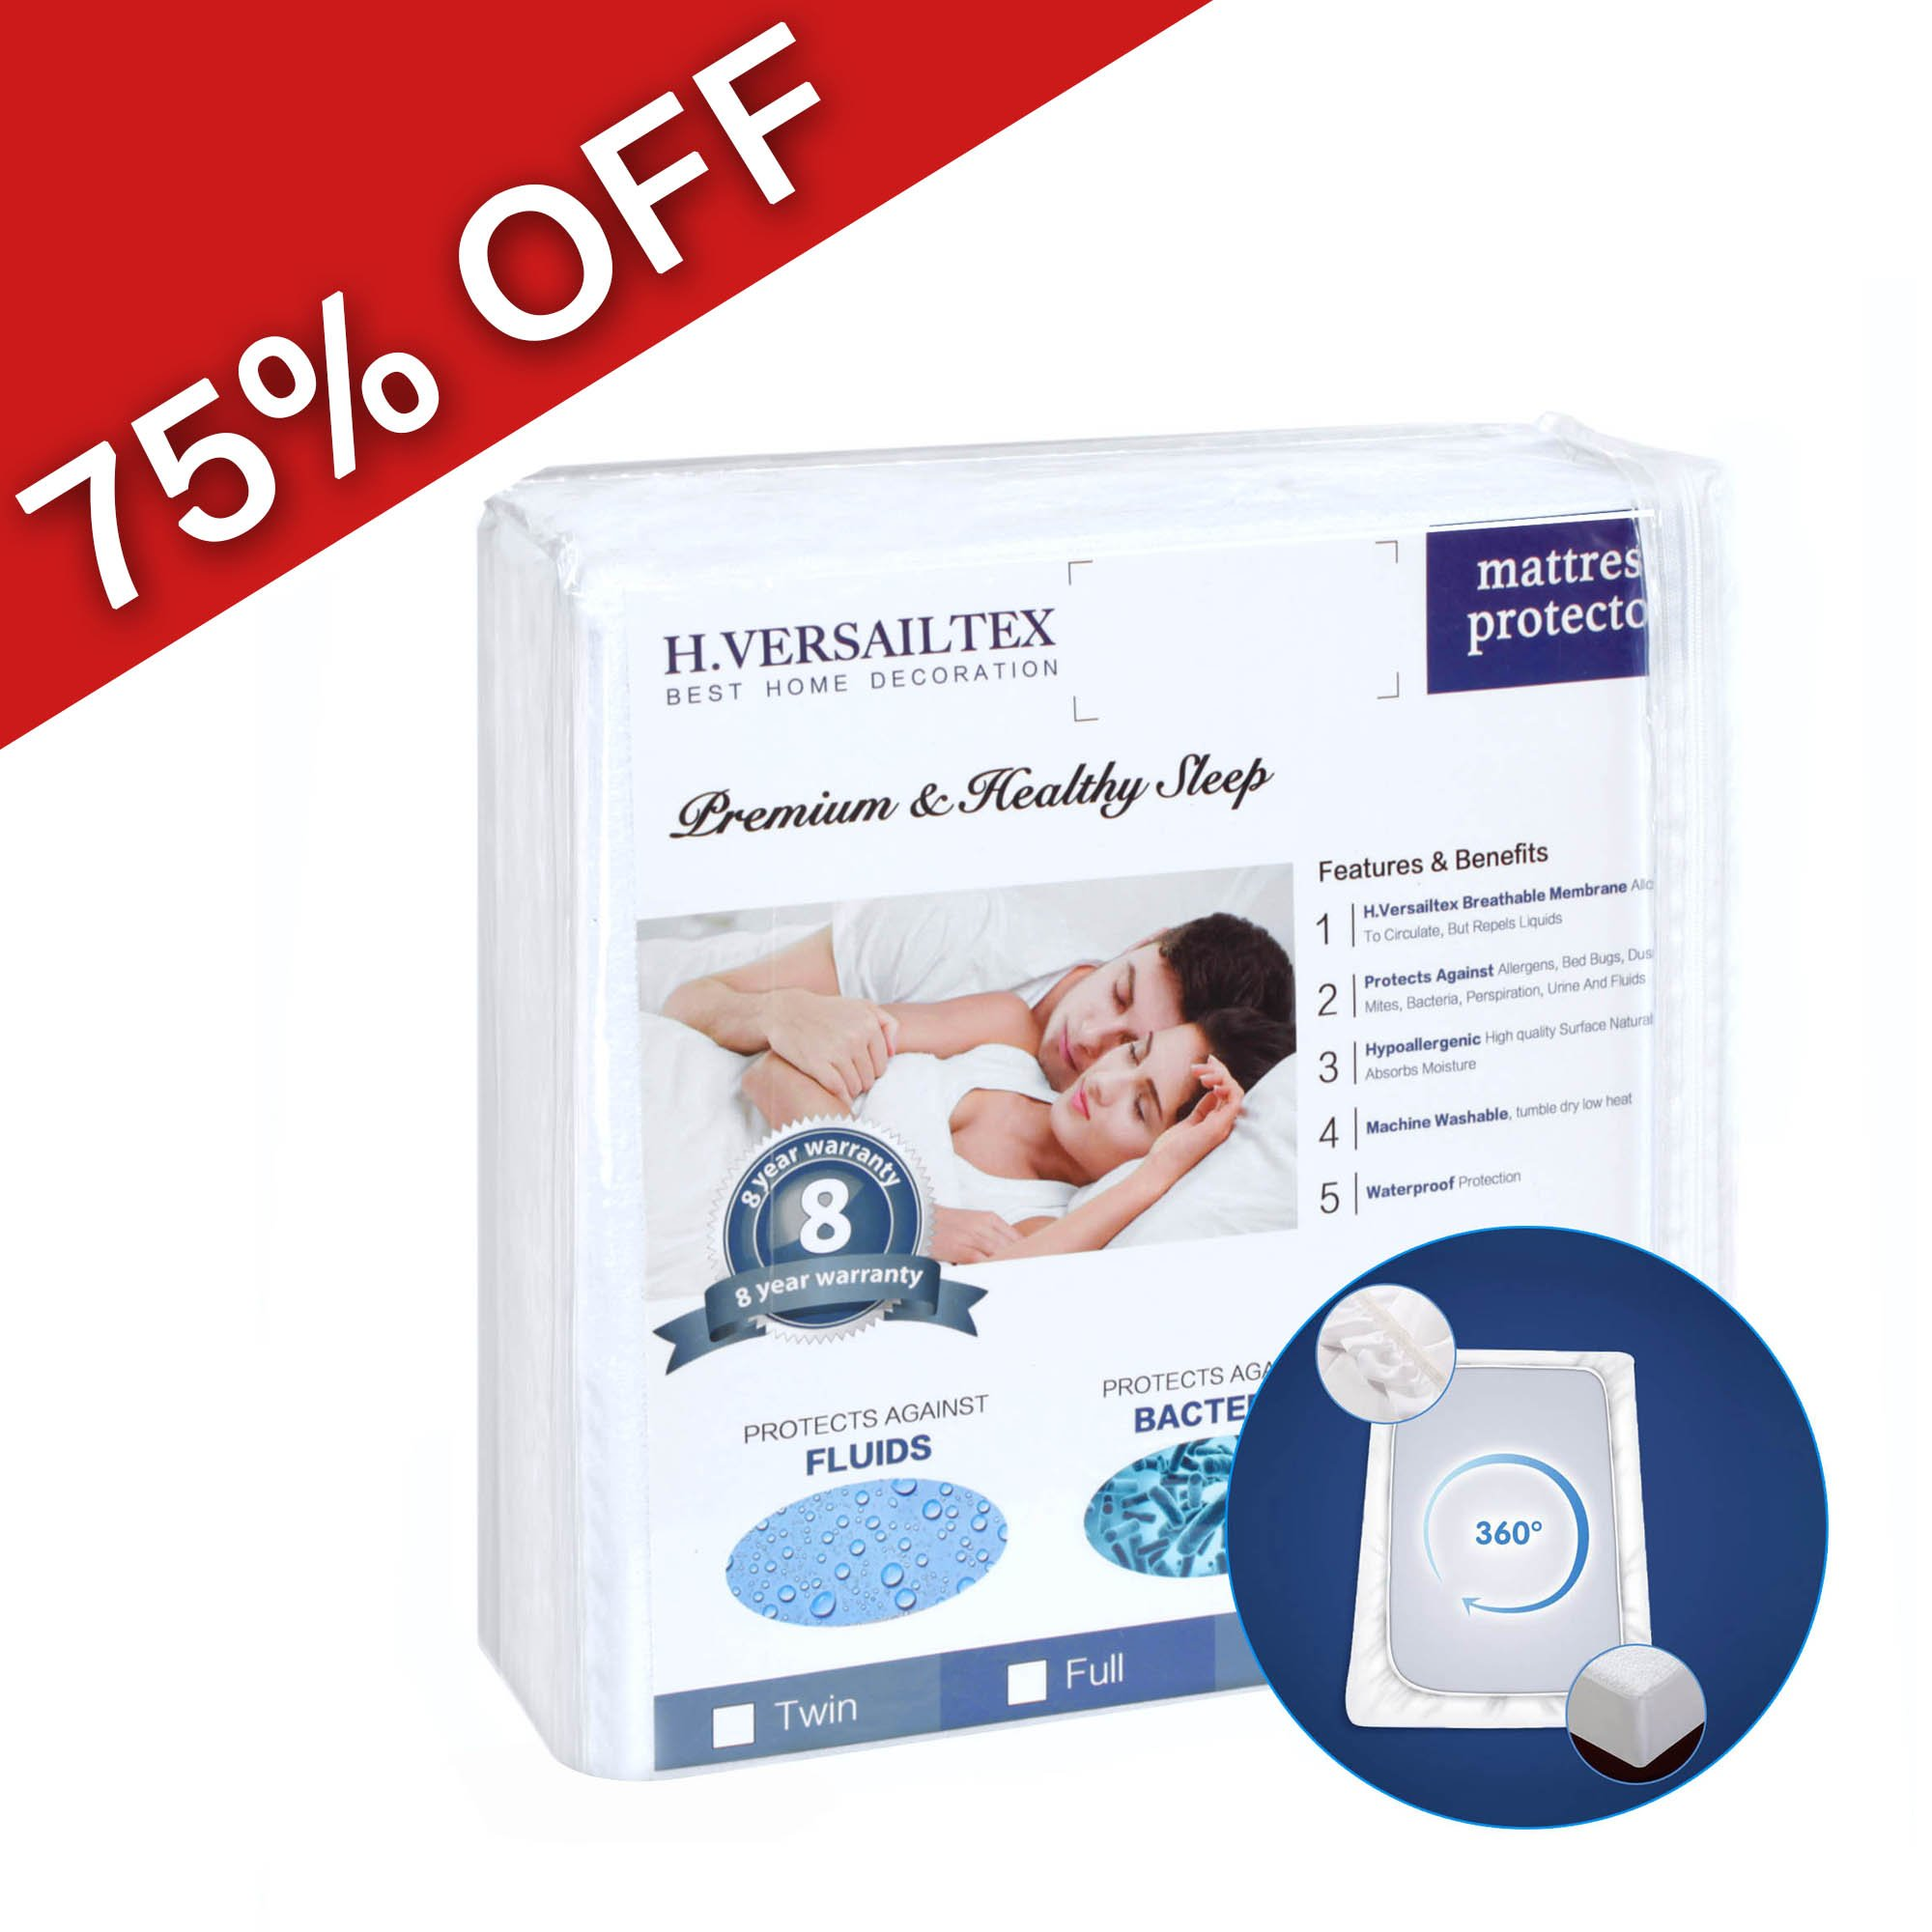 H.VERSAILTEX Bed Bug Proof King Size Premium Hypoallergenic 100% Waterproof Mattress Protector - Vinyl Free